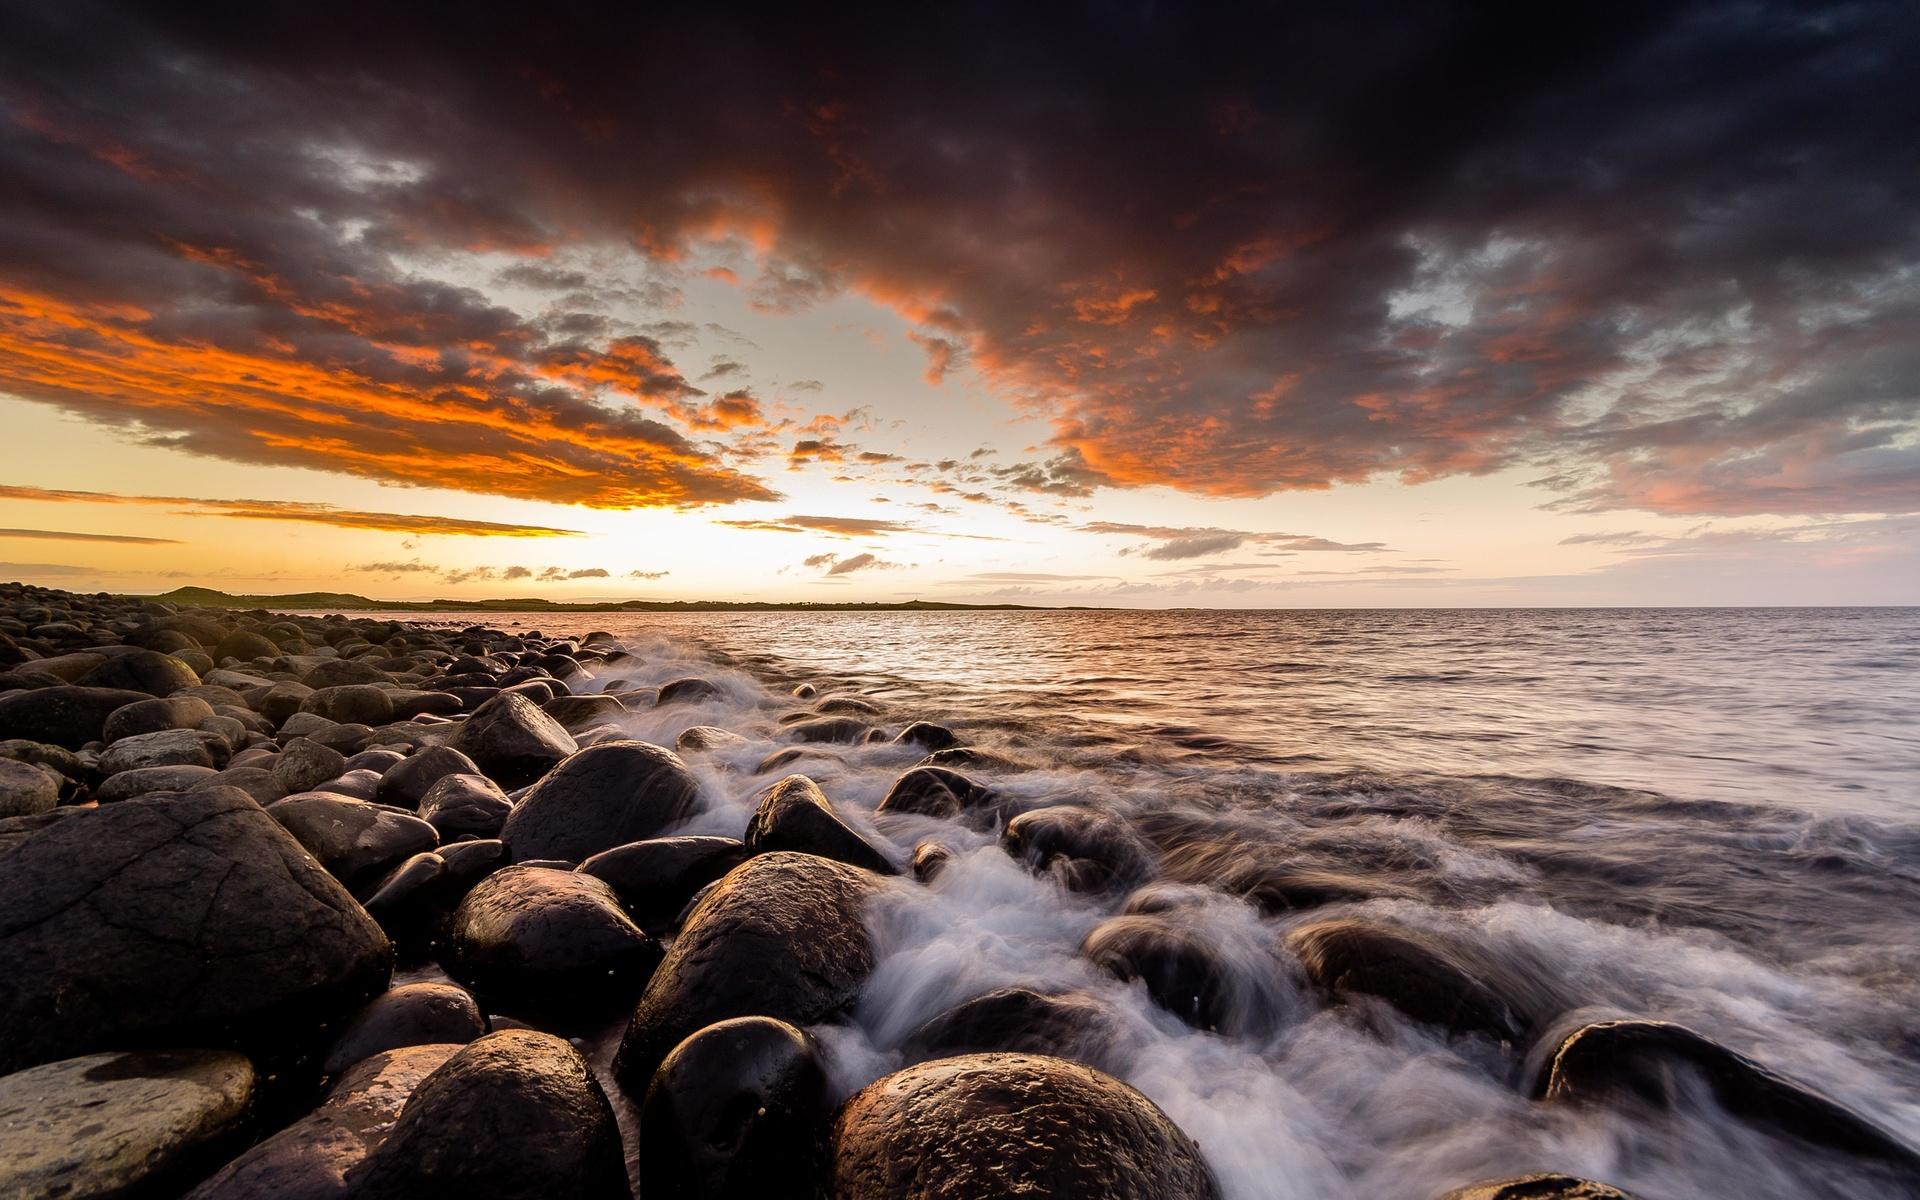 закат, горизонт, волны, камни